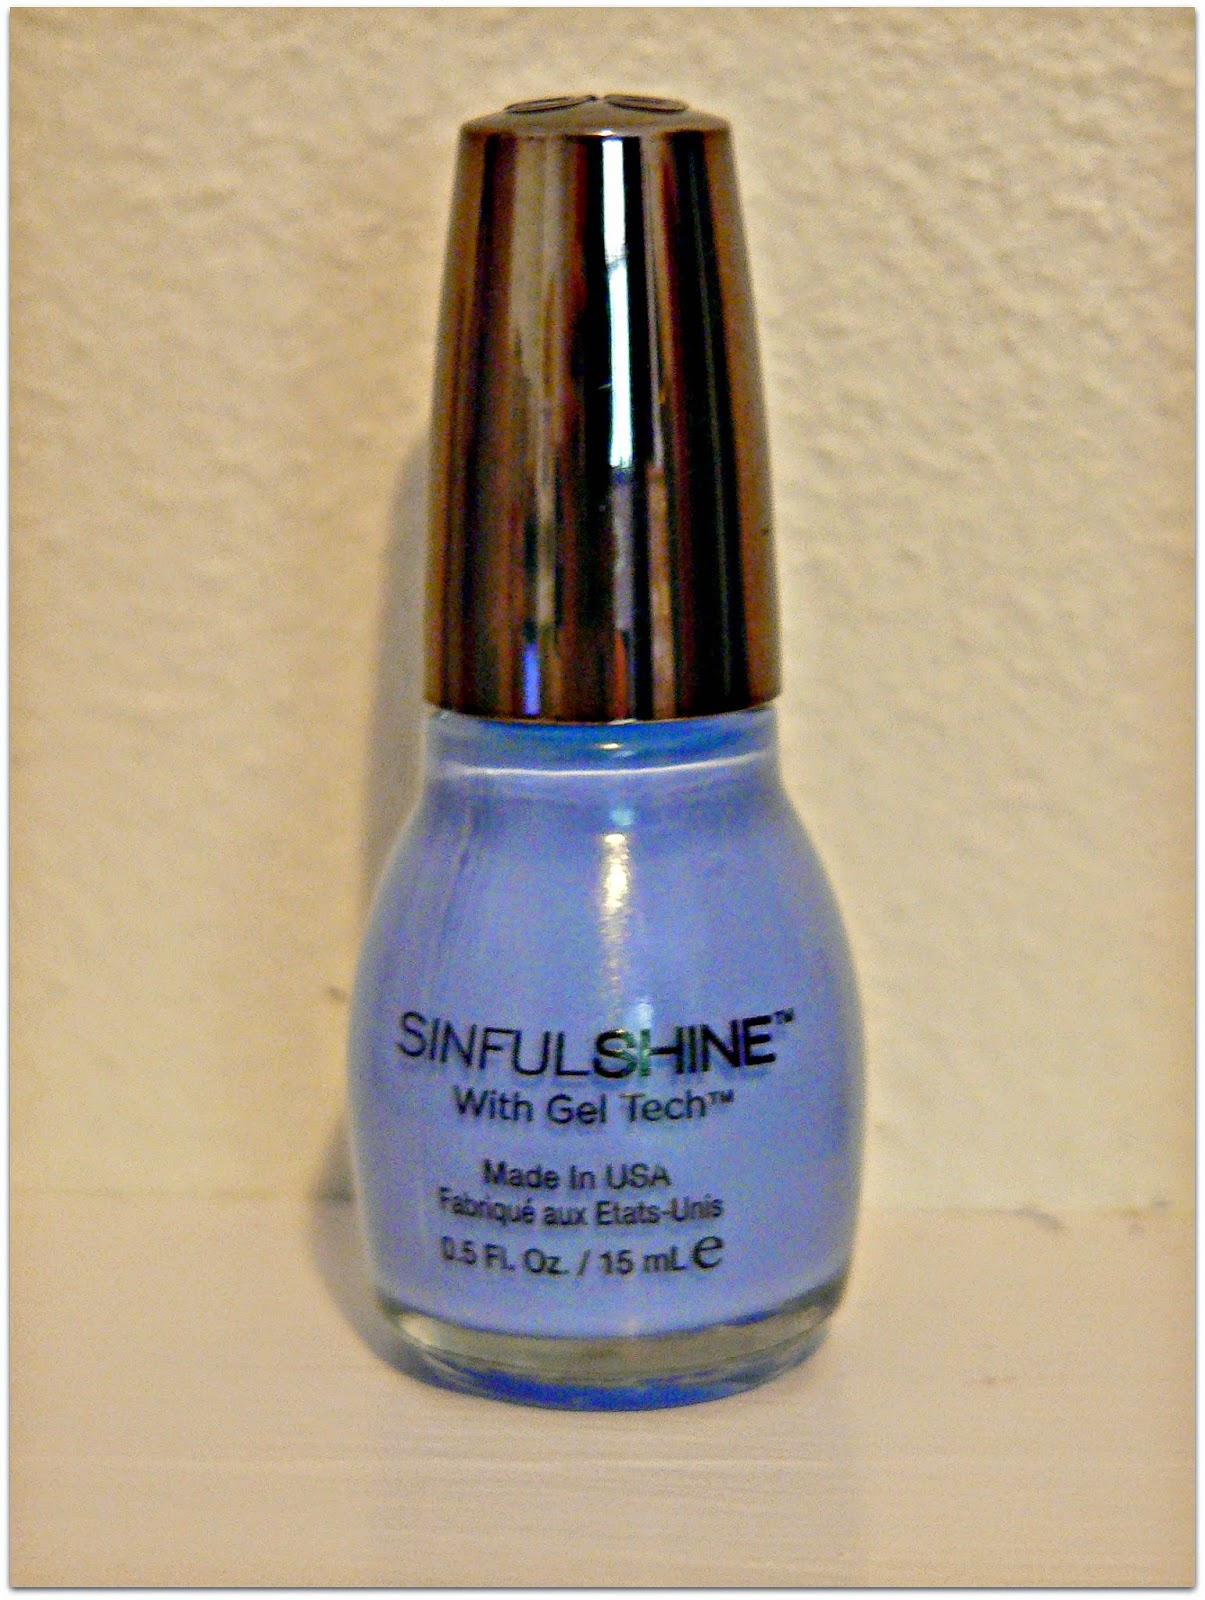 sinful shine nail polish review